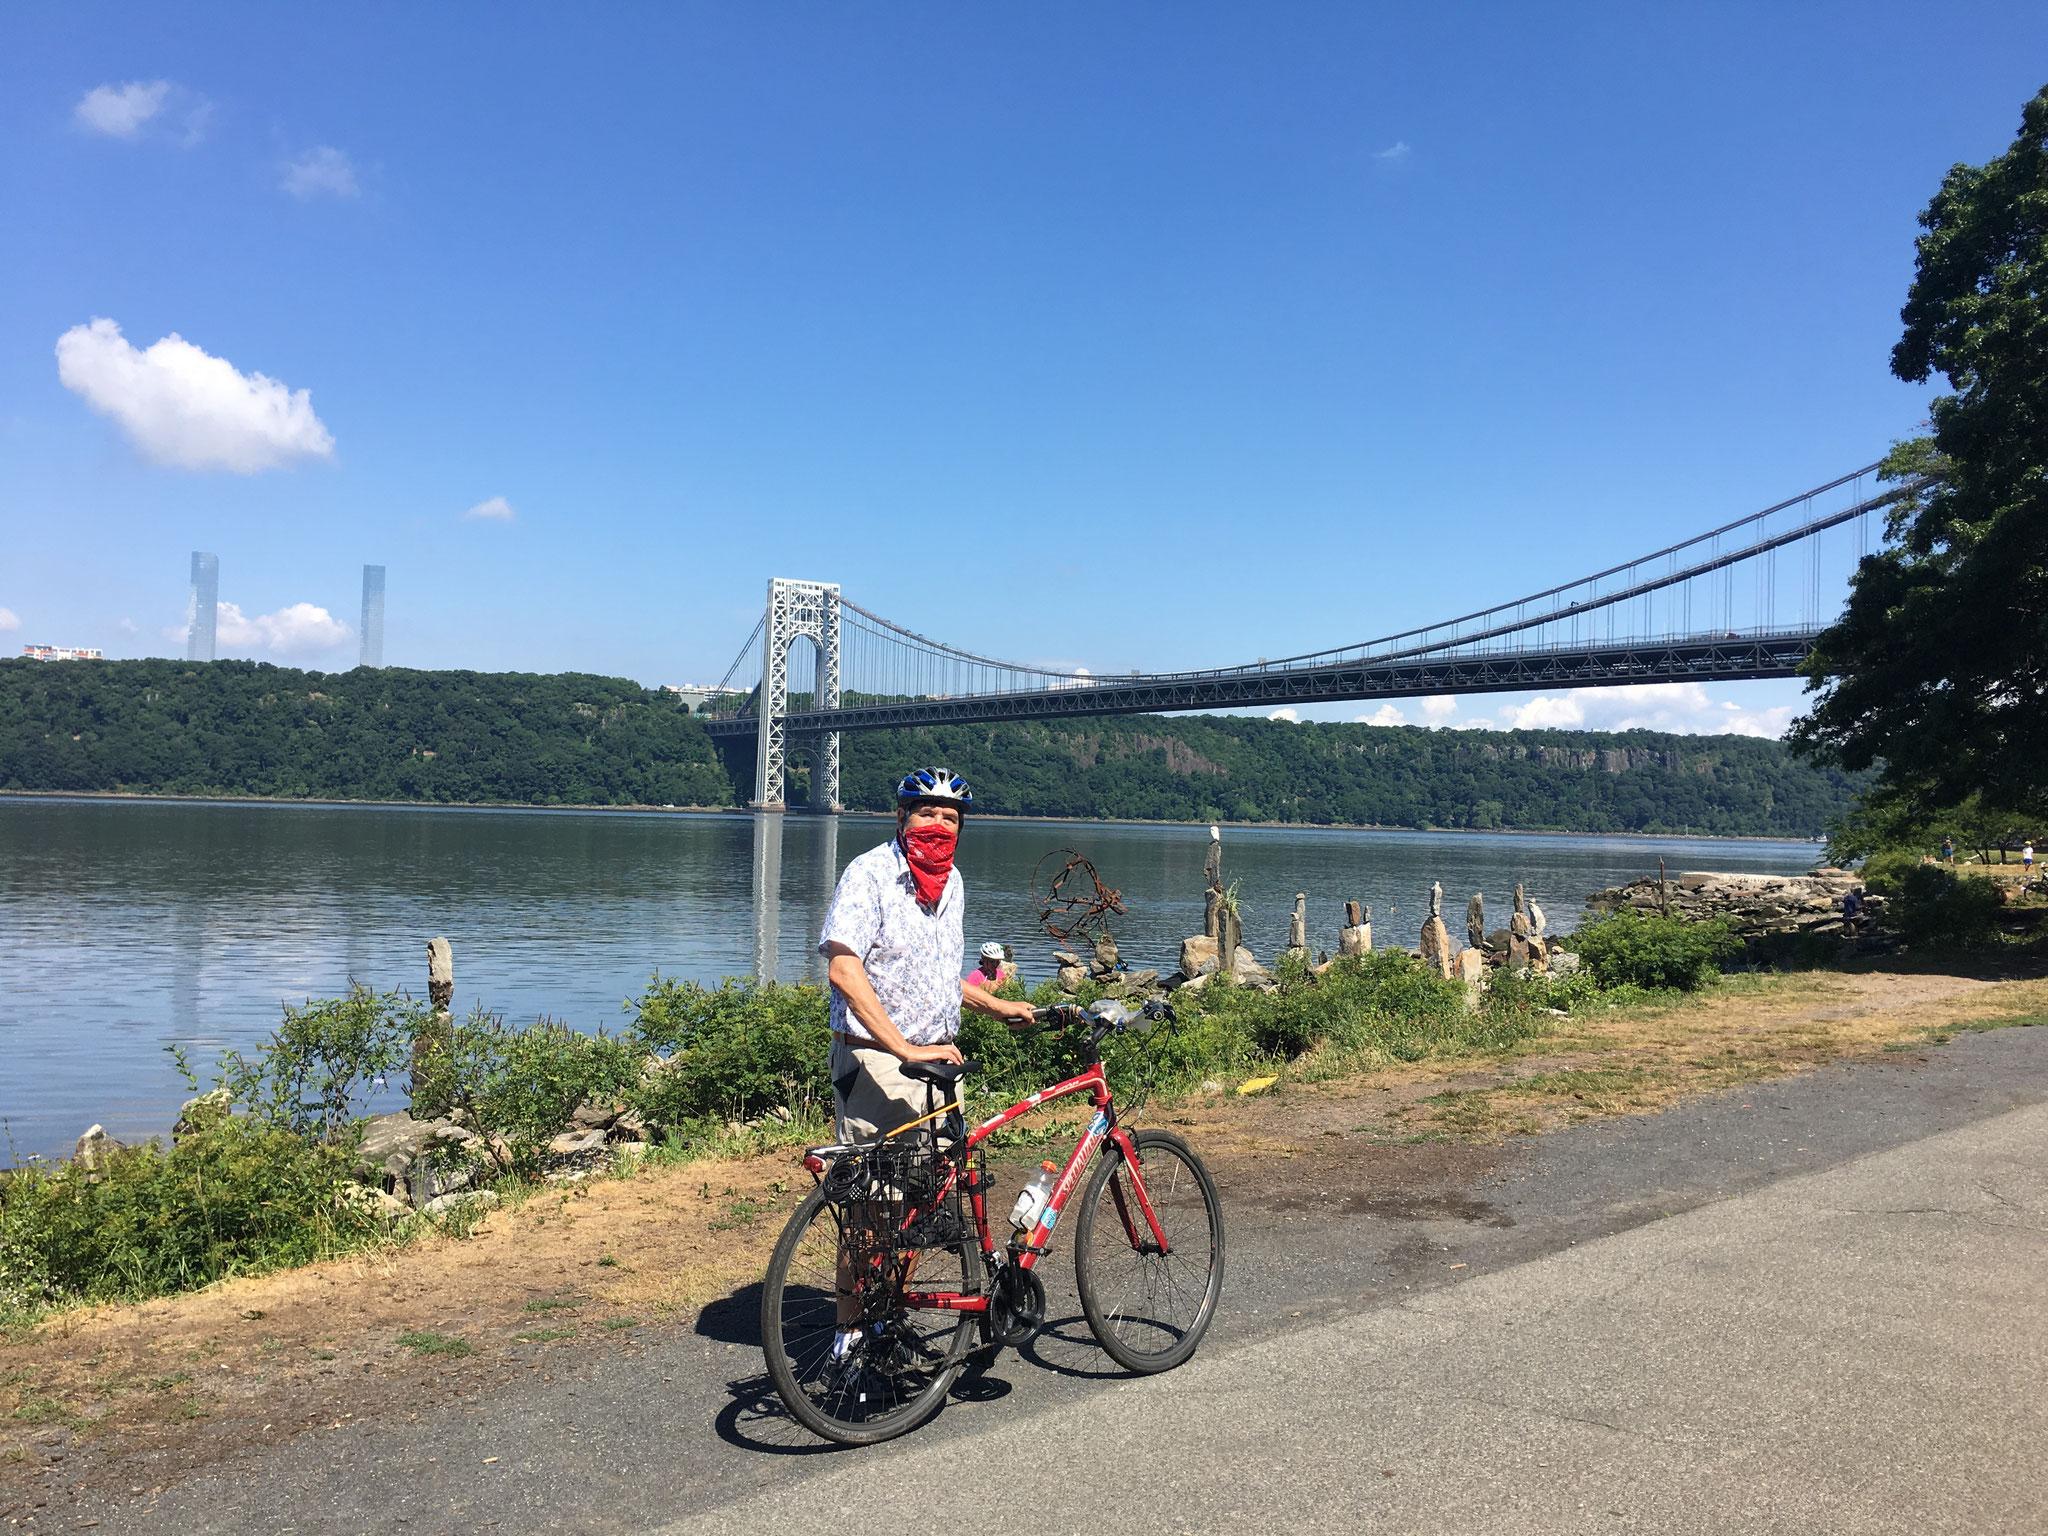 Biking around upper Manhattan, June, 2020